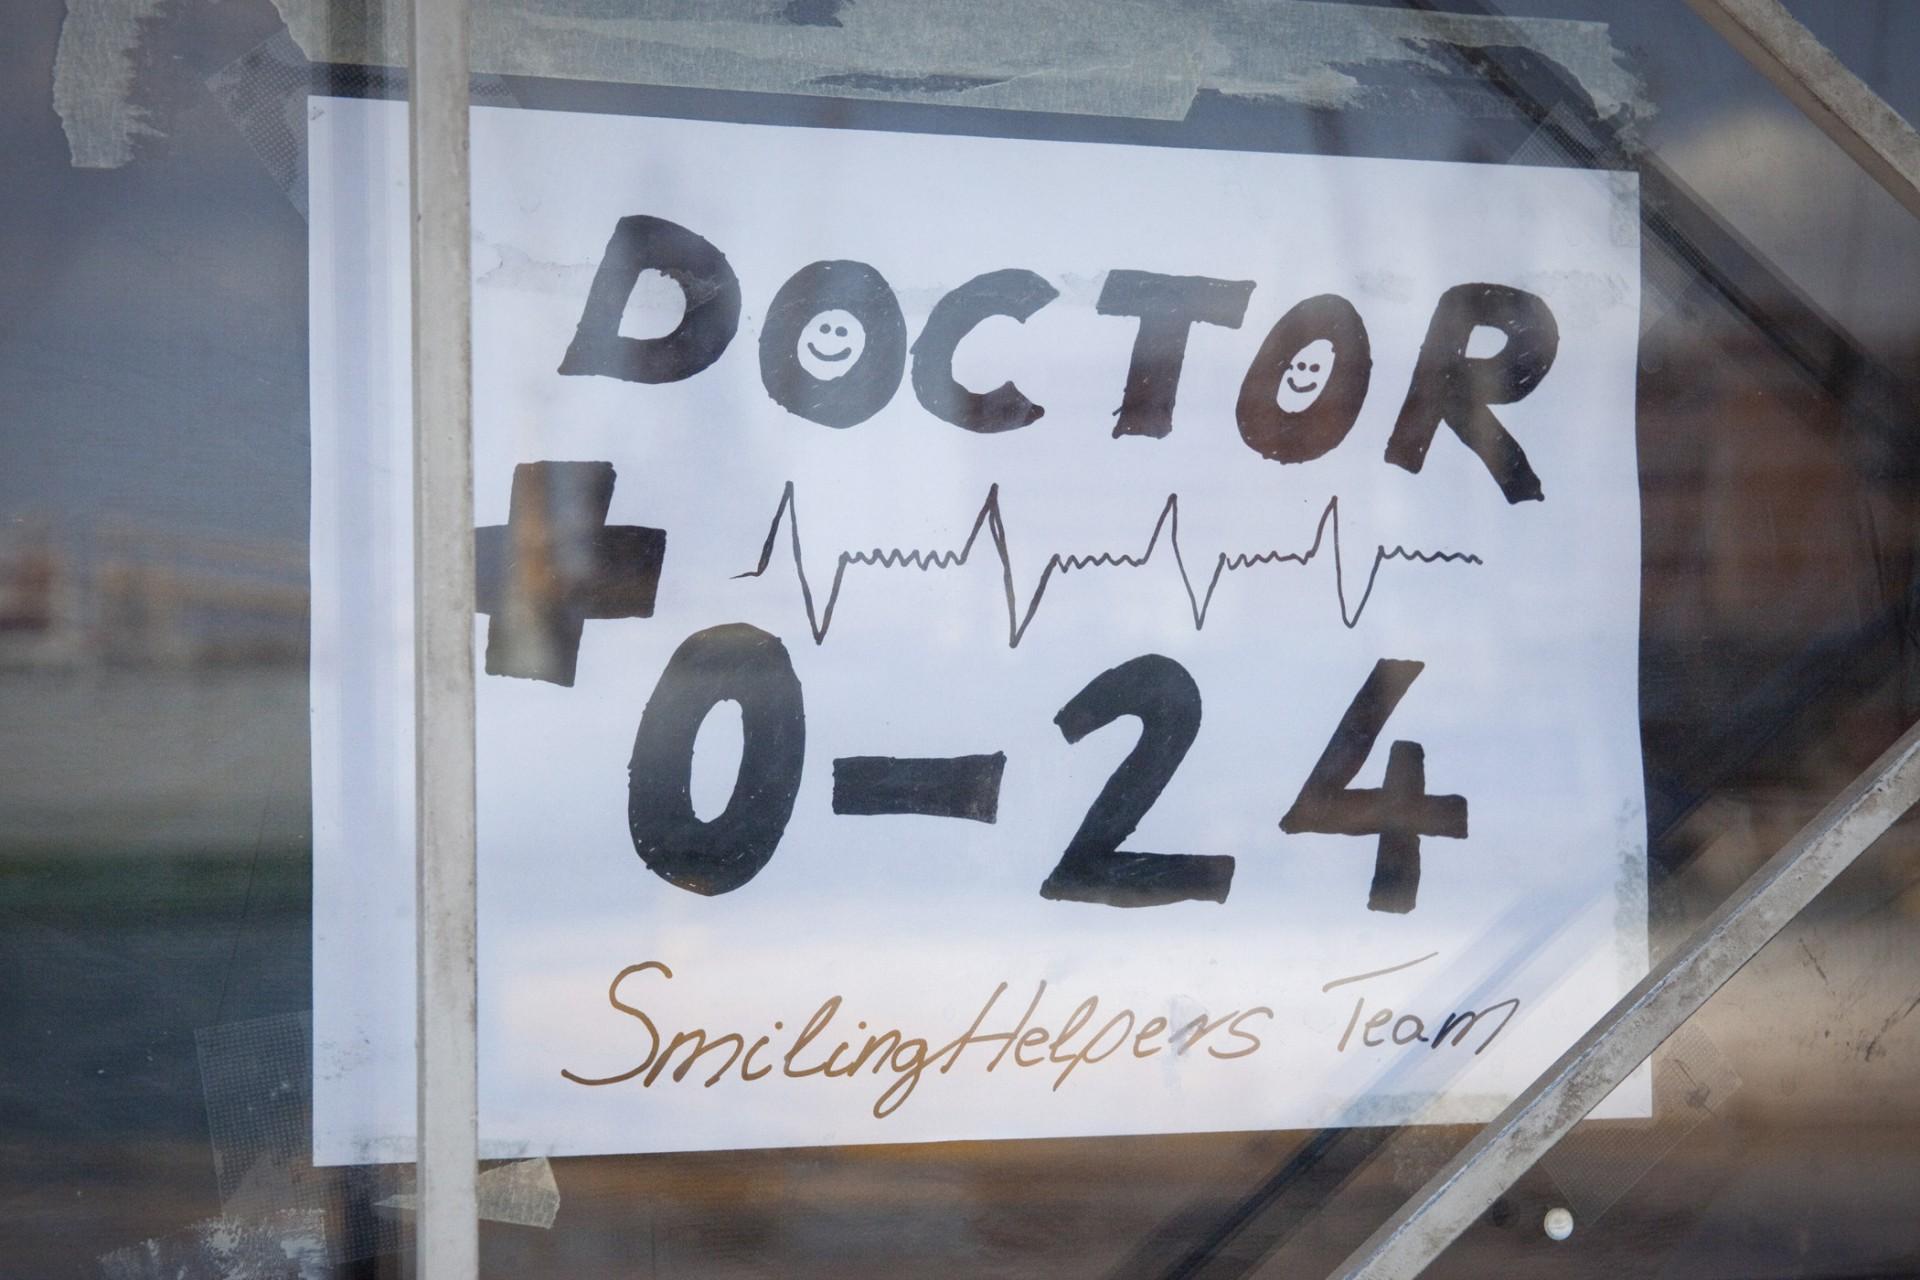 Une équipe de médecins volontaires est présente 24h/24 sur le camp. Ils doivent traiter de nombreux cas de déshydratation pendant le Ramadan.